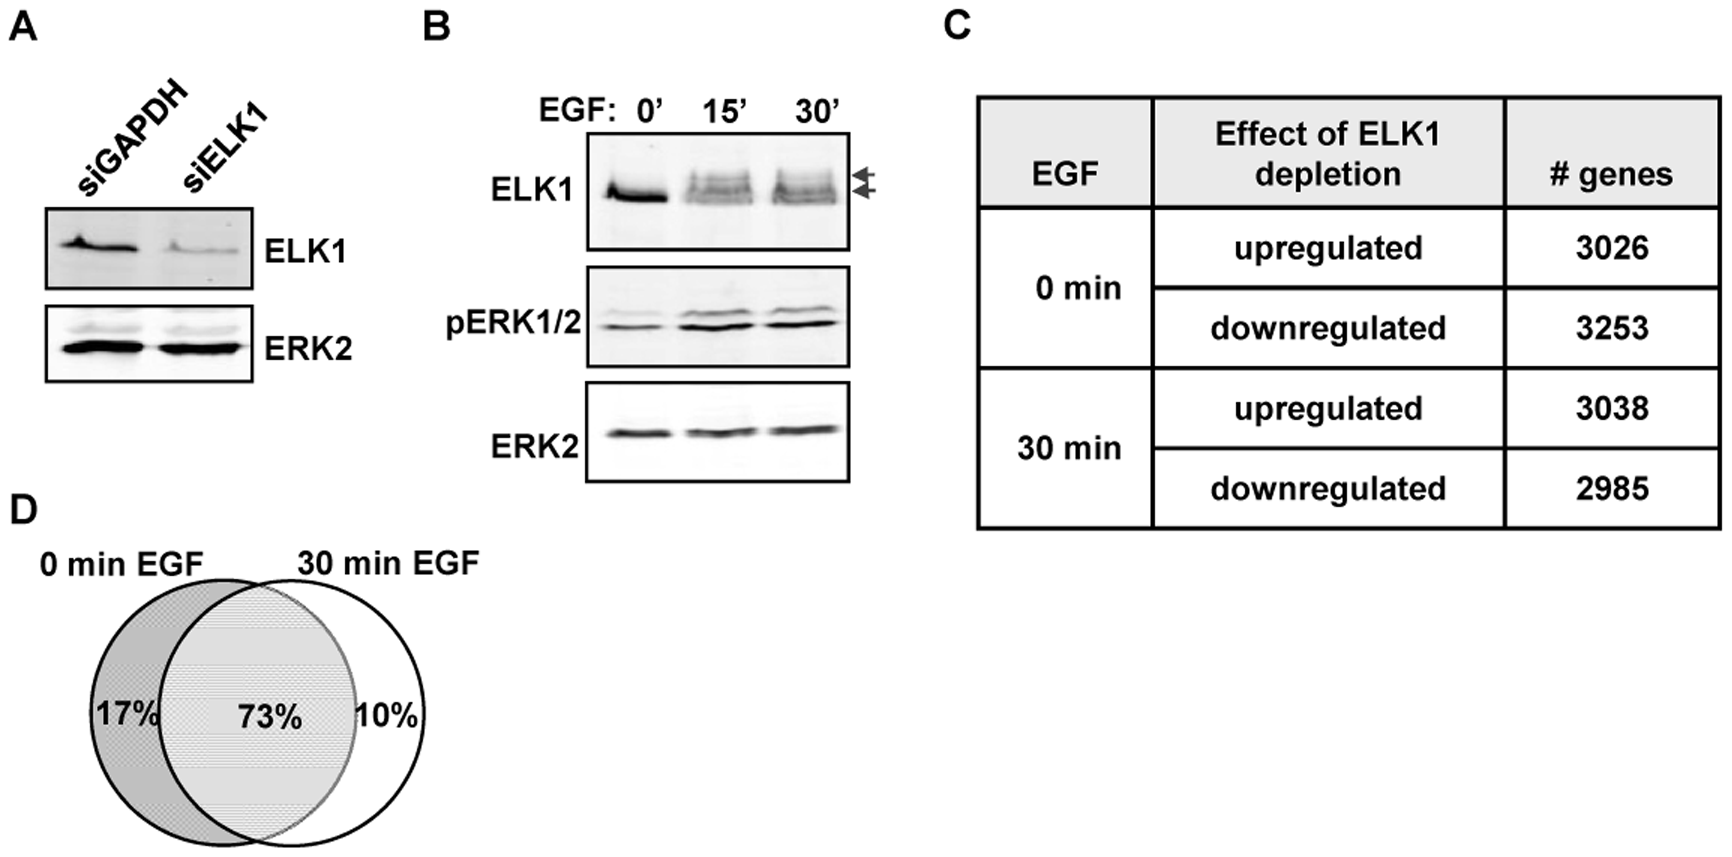 Depletion of ELK1 affects gene expression.